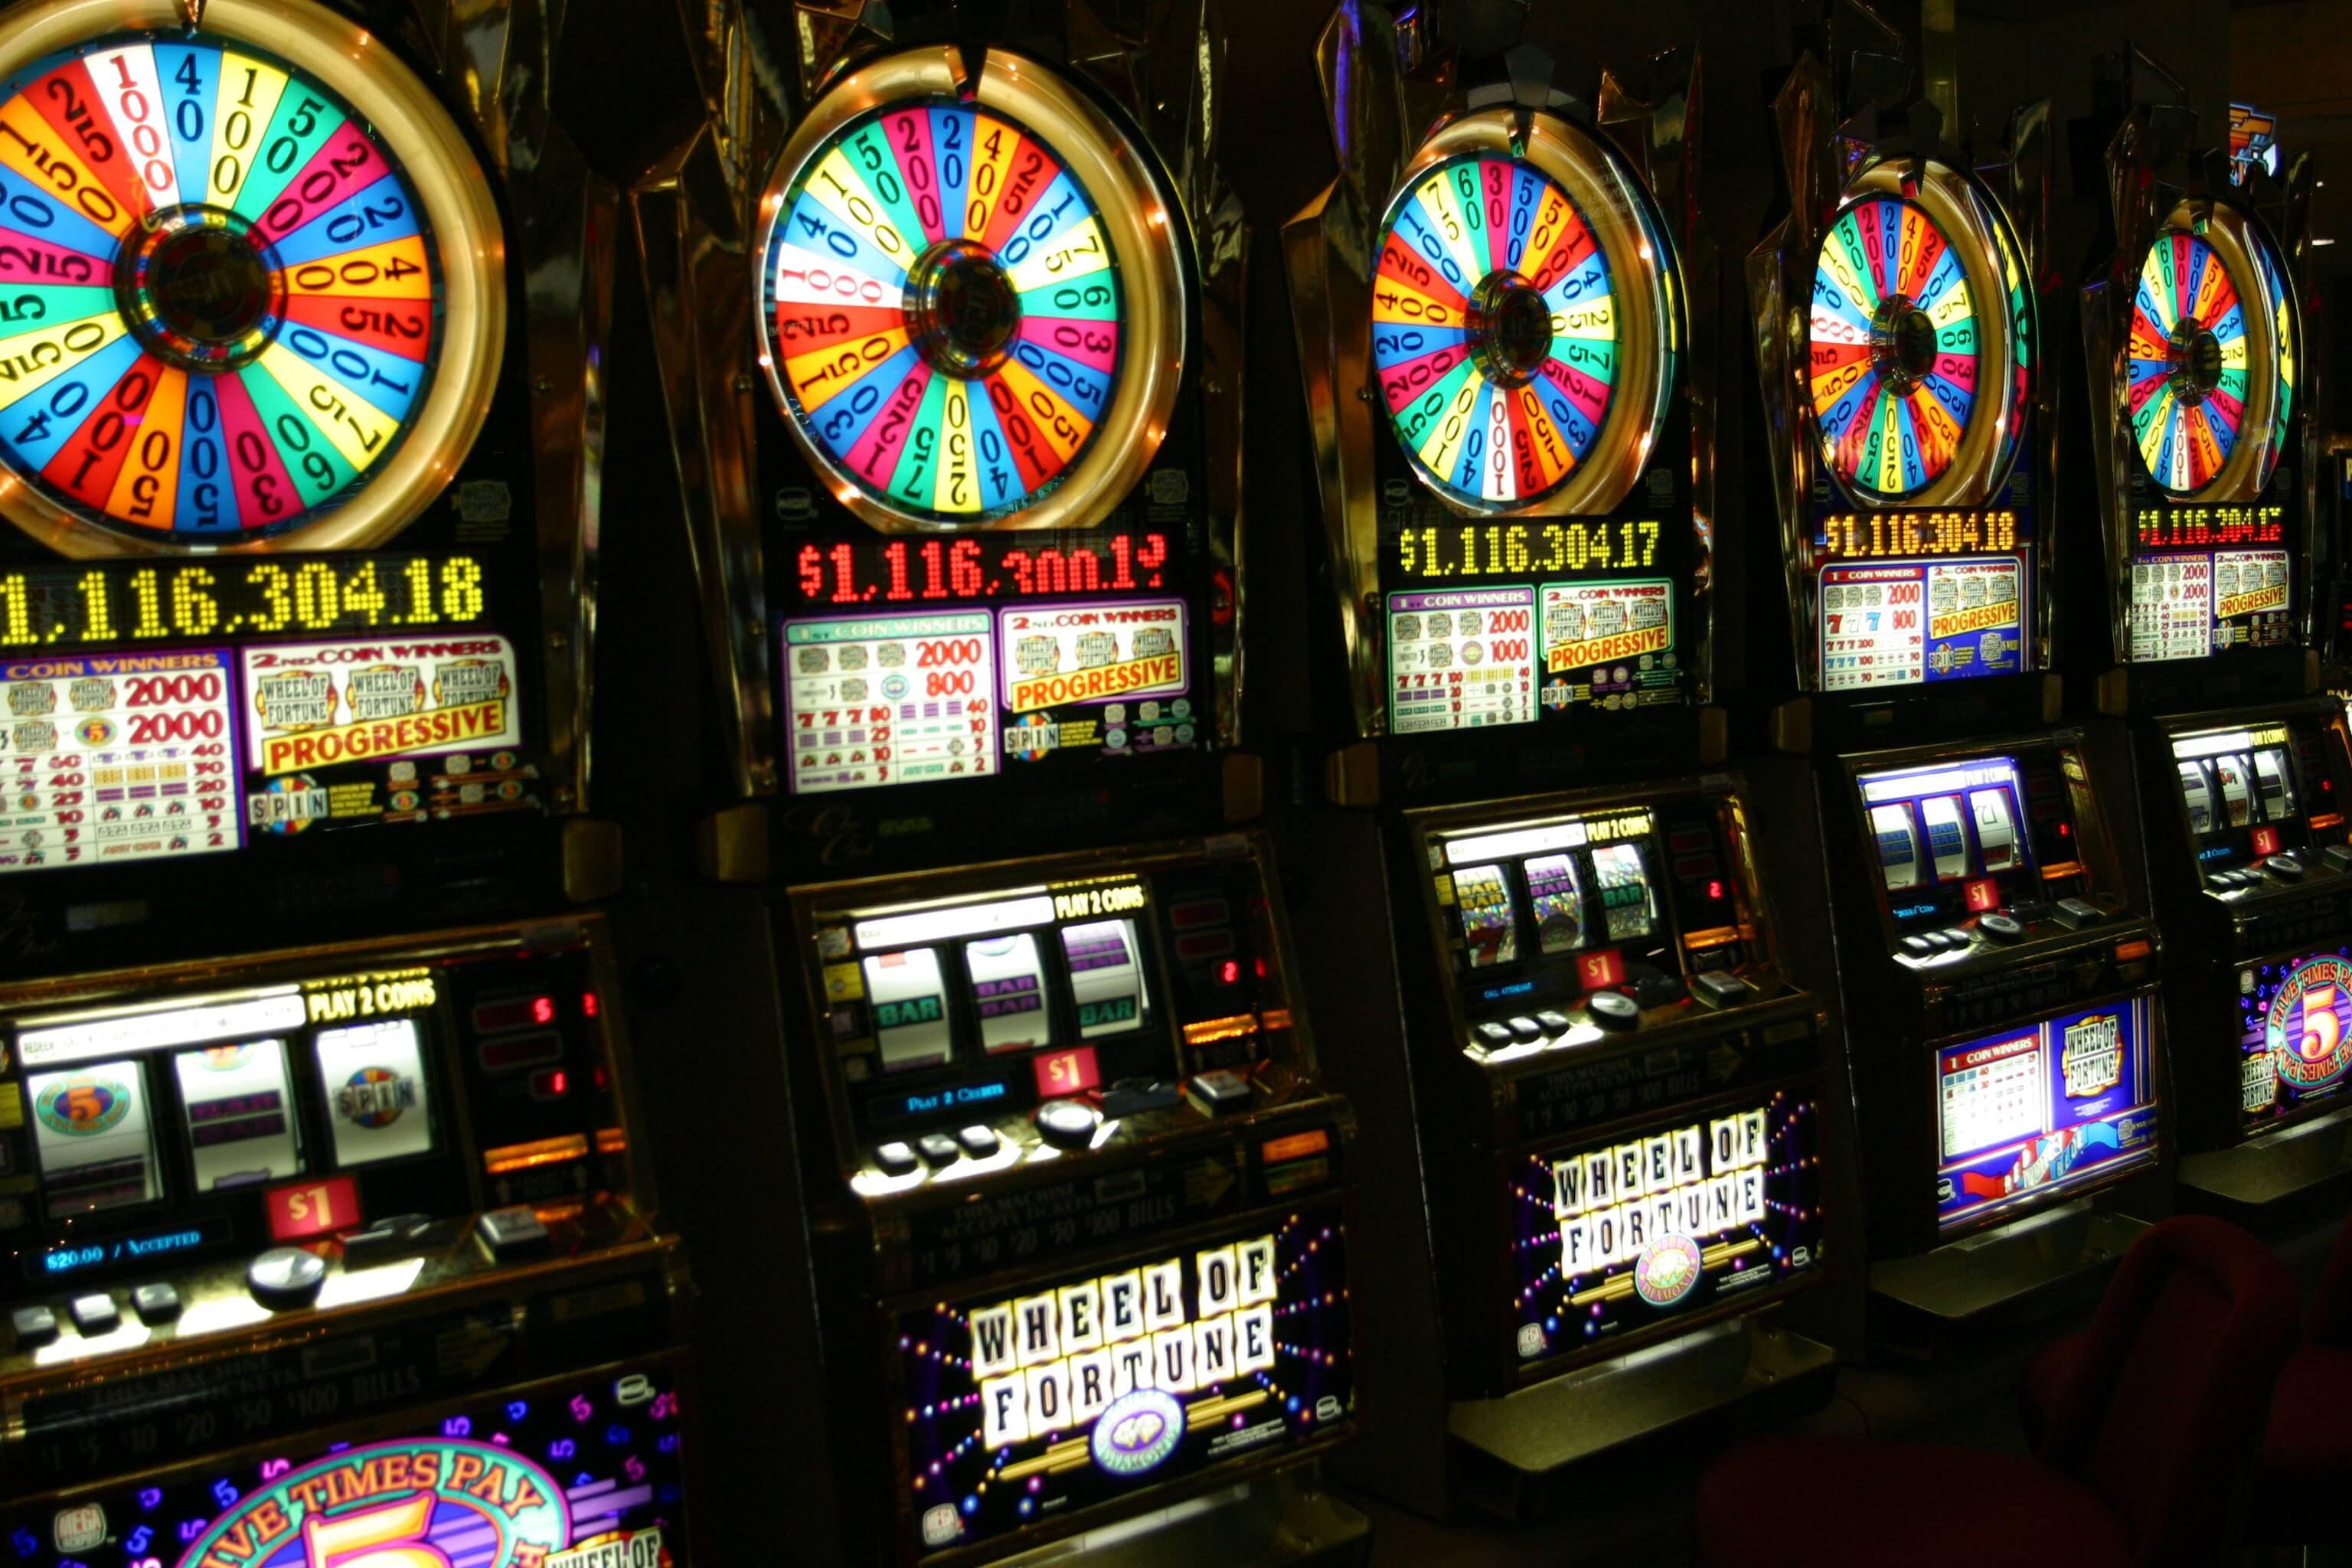 Скриншот игровых автоматов с прогрессивным джекпотом